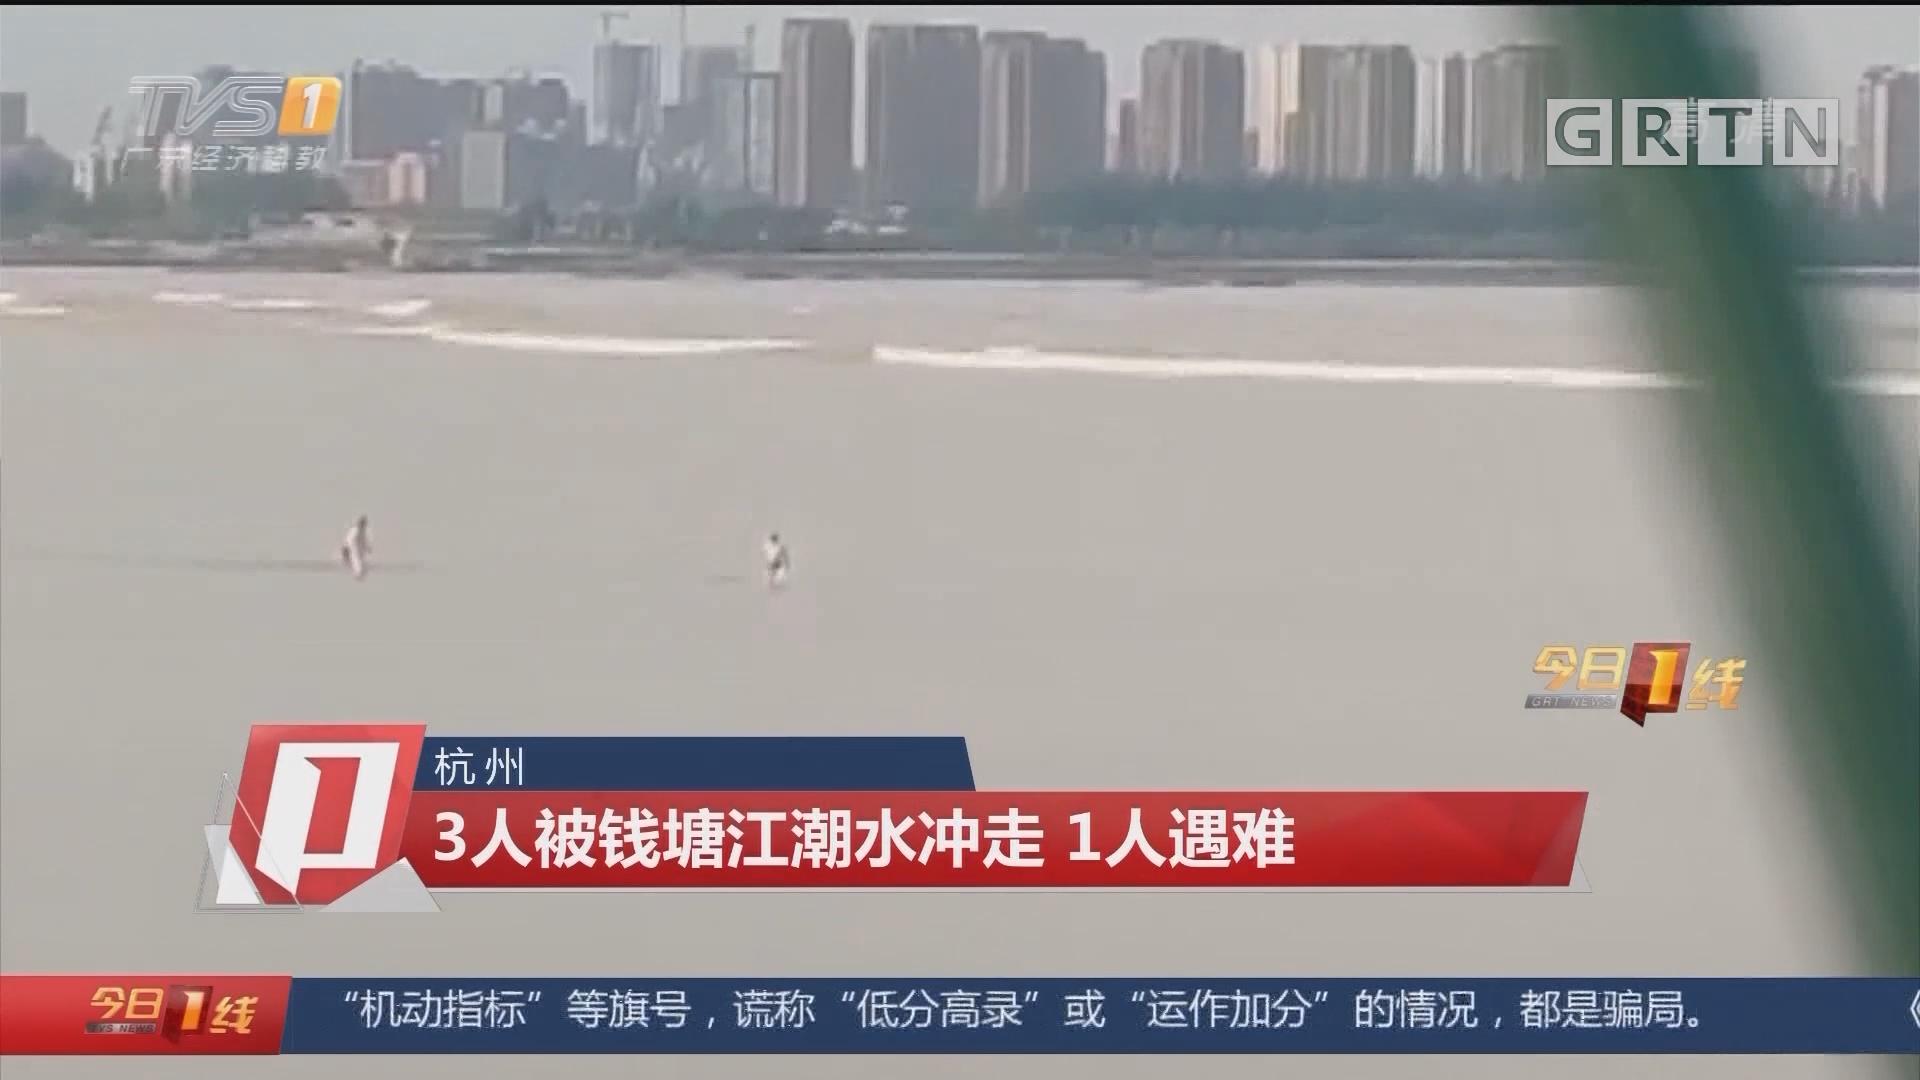 杭州:3人被钱塘江潮水冲走 1人遇难